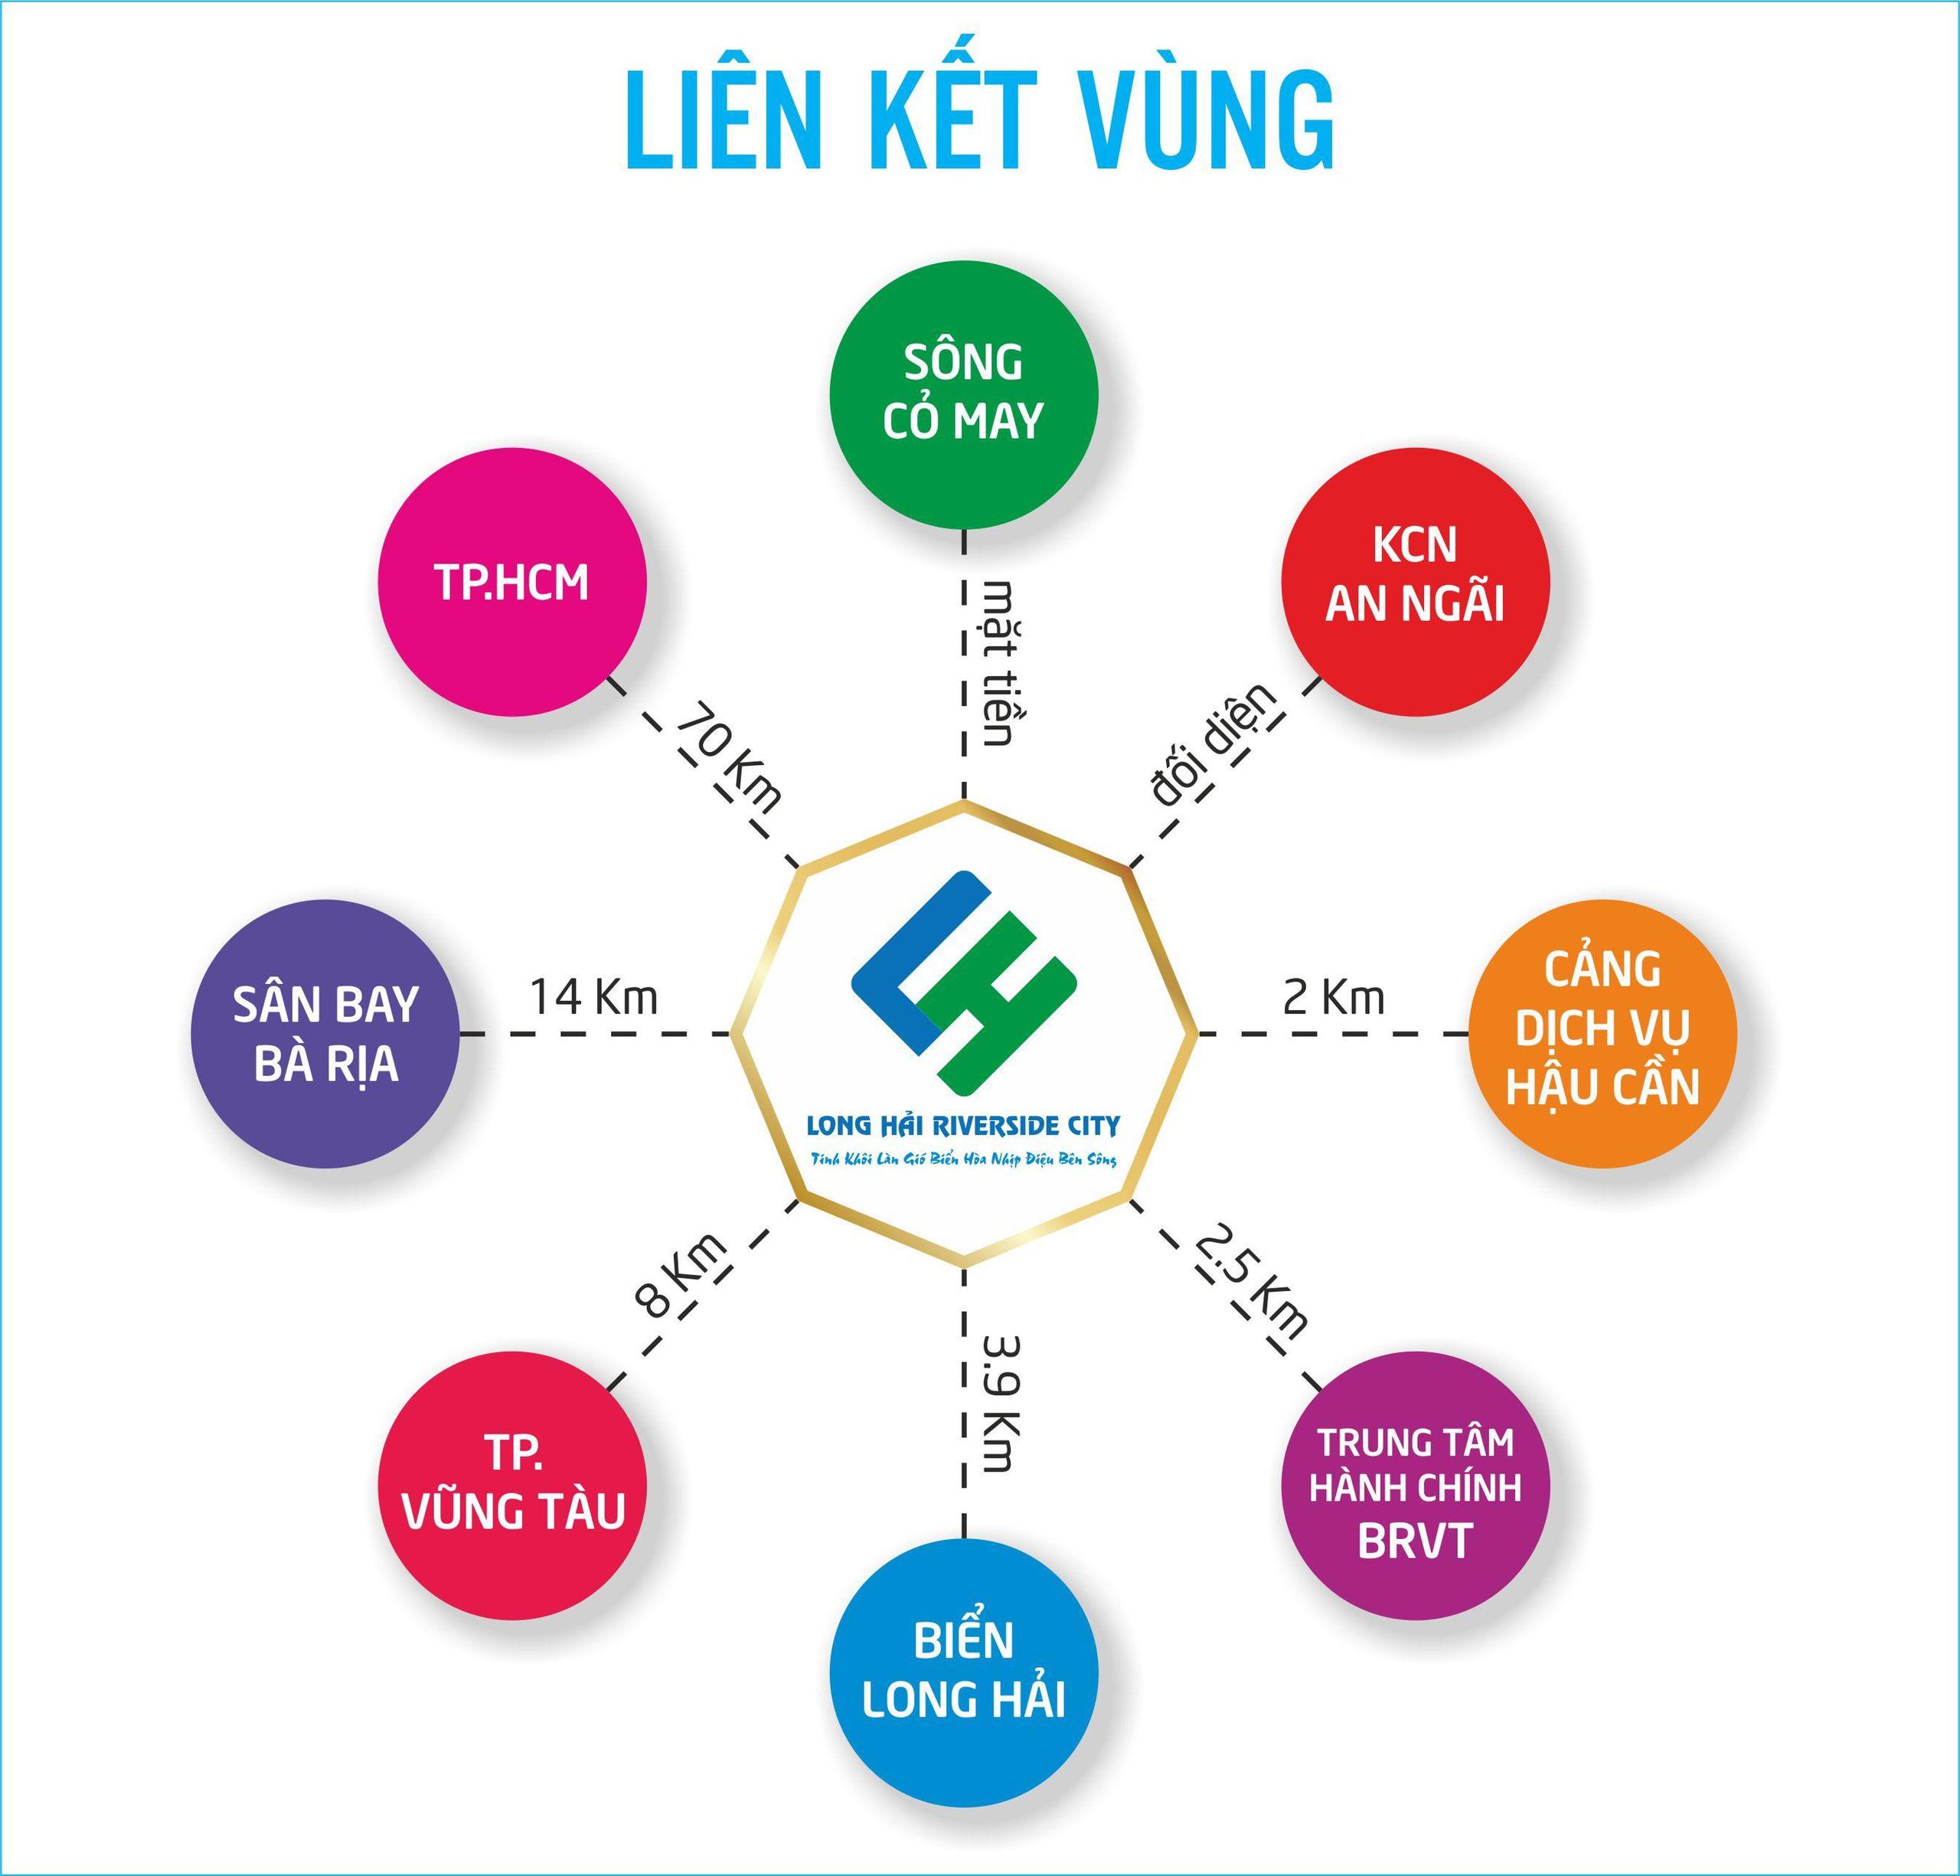 lien-ket-vung